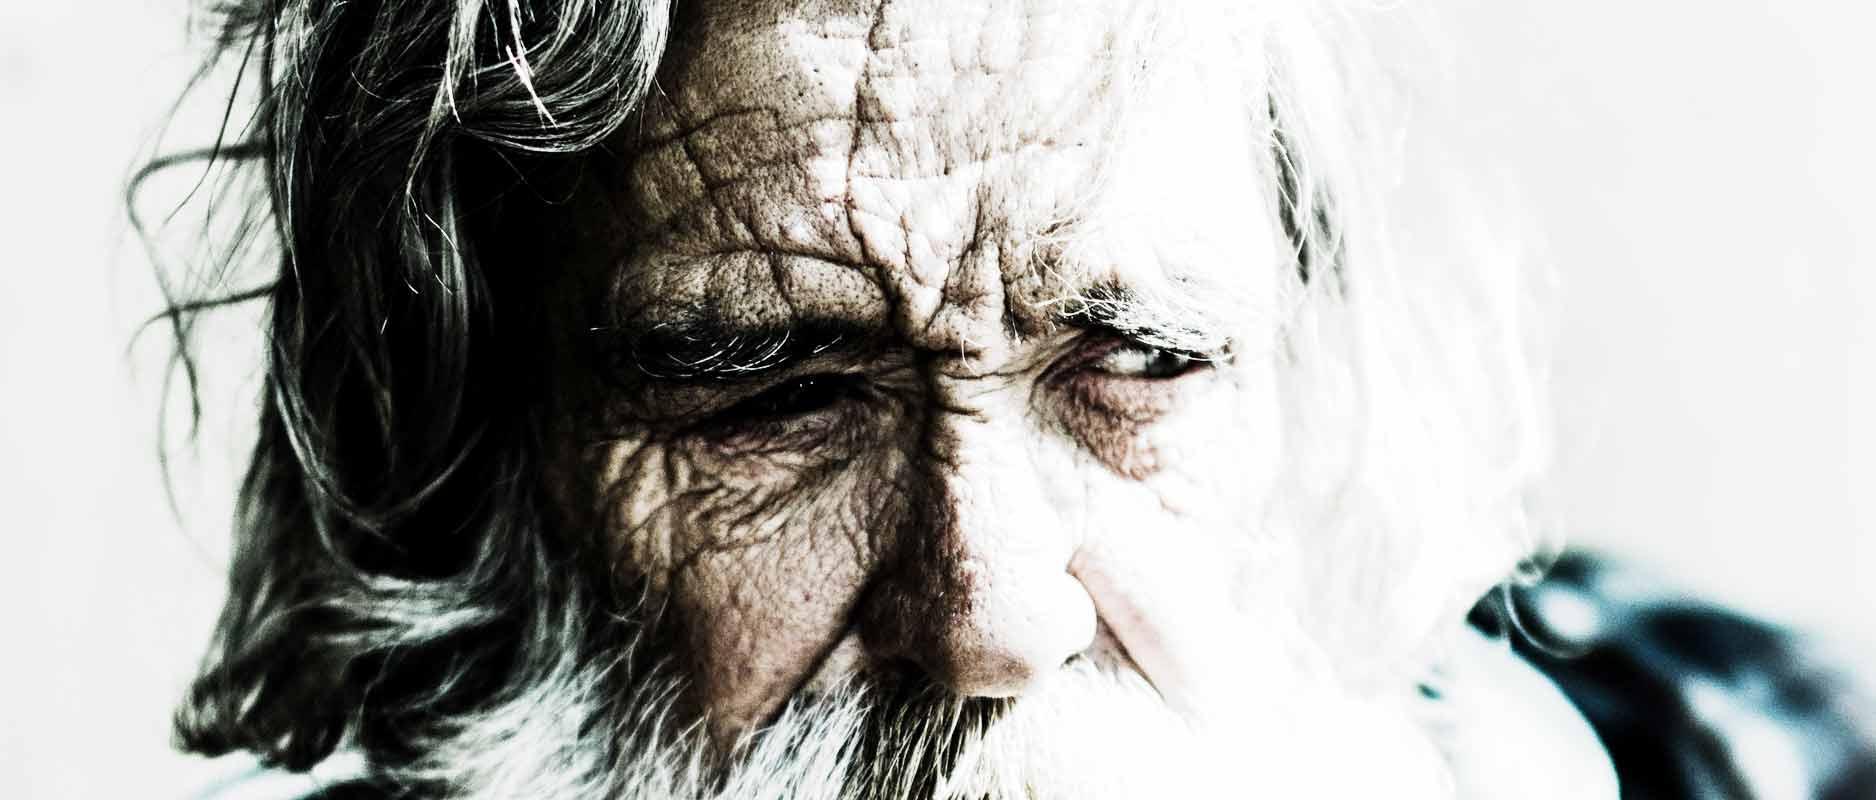 Metuselach: de oudste mens ooit